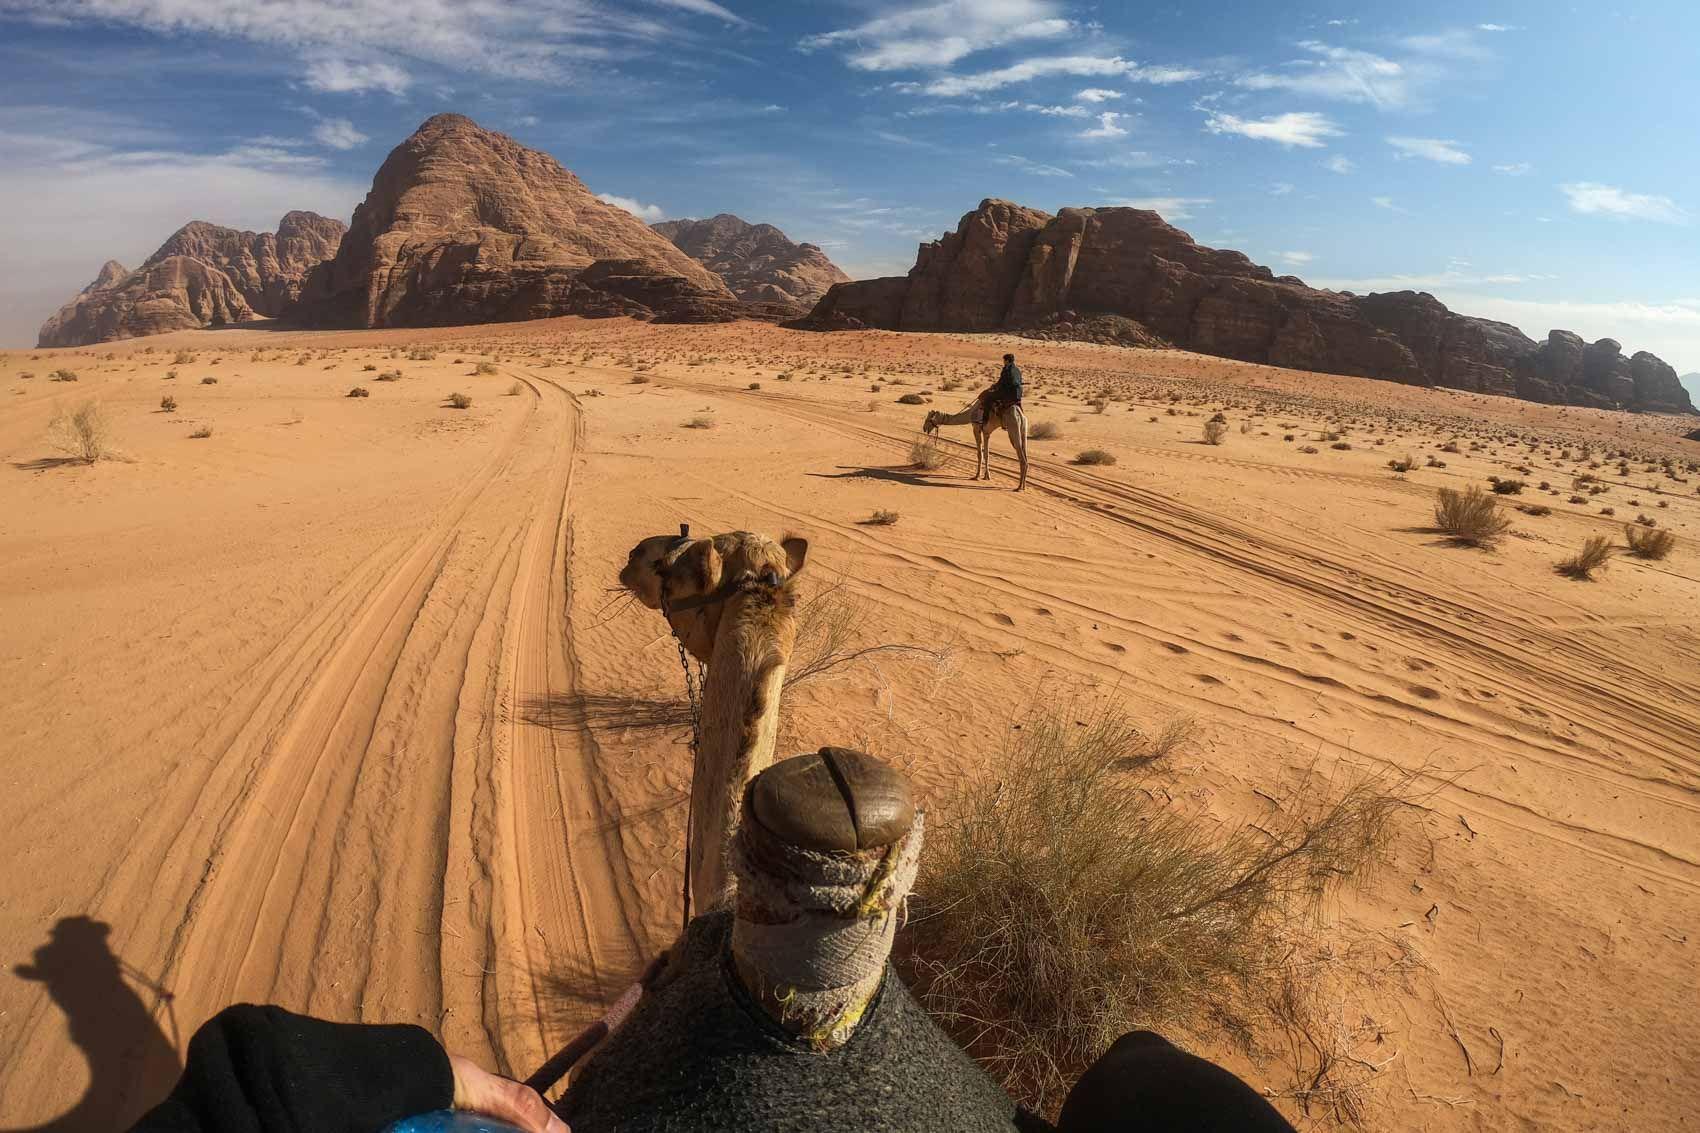 Um uns so richtig in das Wüstenleben einzufühlen, beschlossen wir, auf Kamelen…